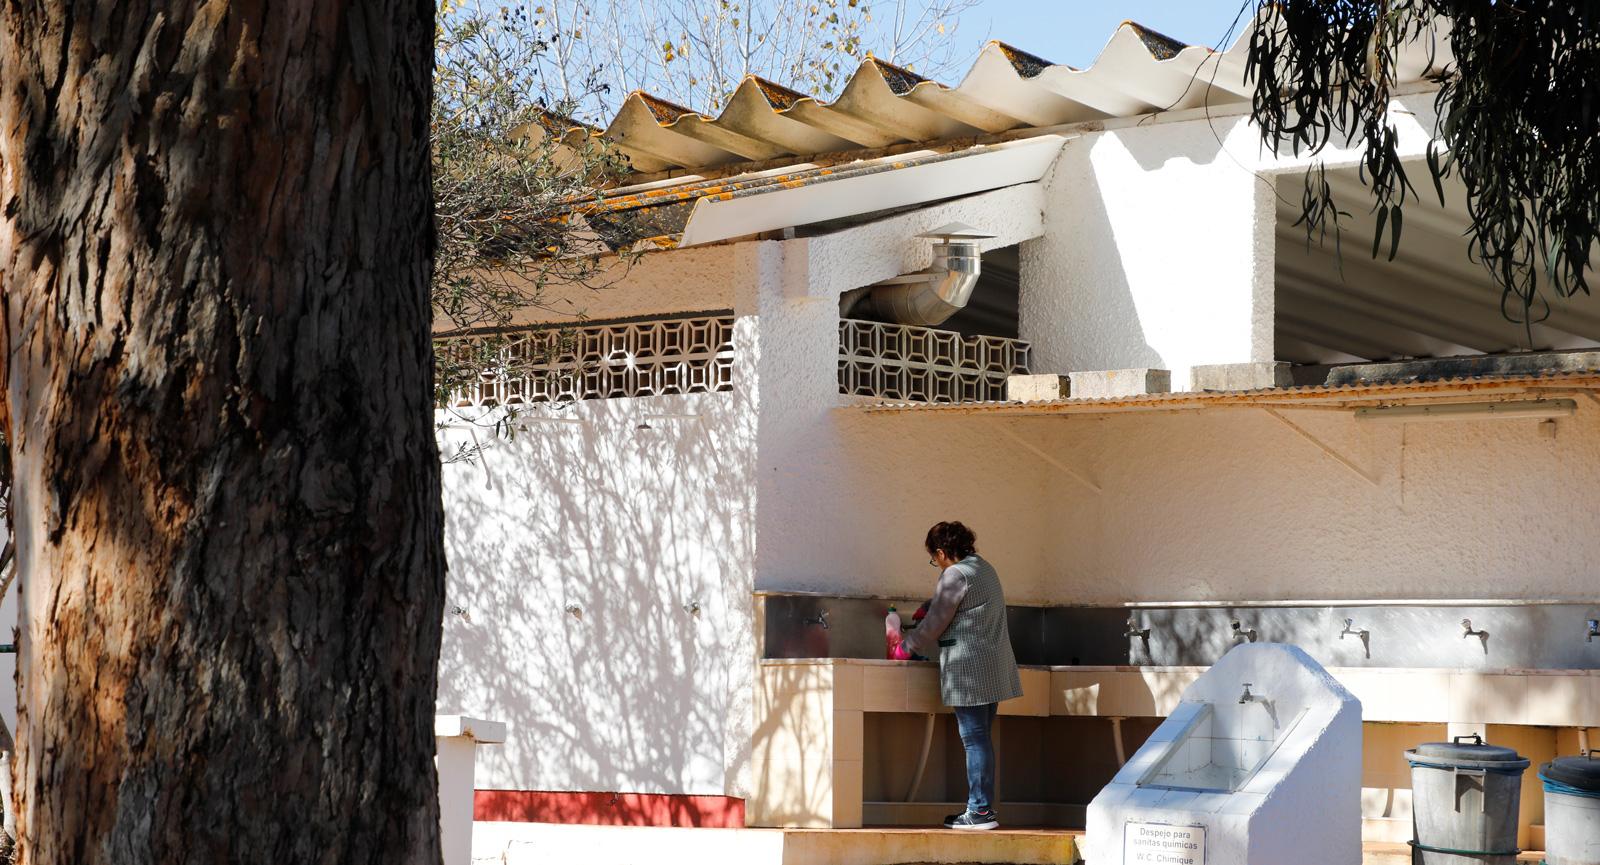 Kranar finns även utomhus vid servicehuset.